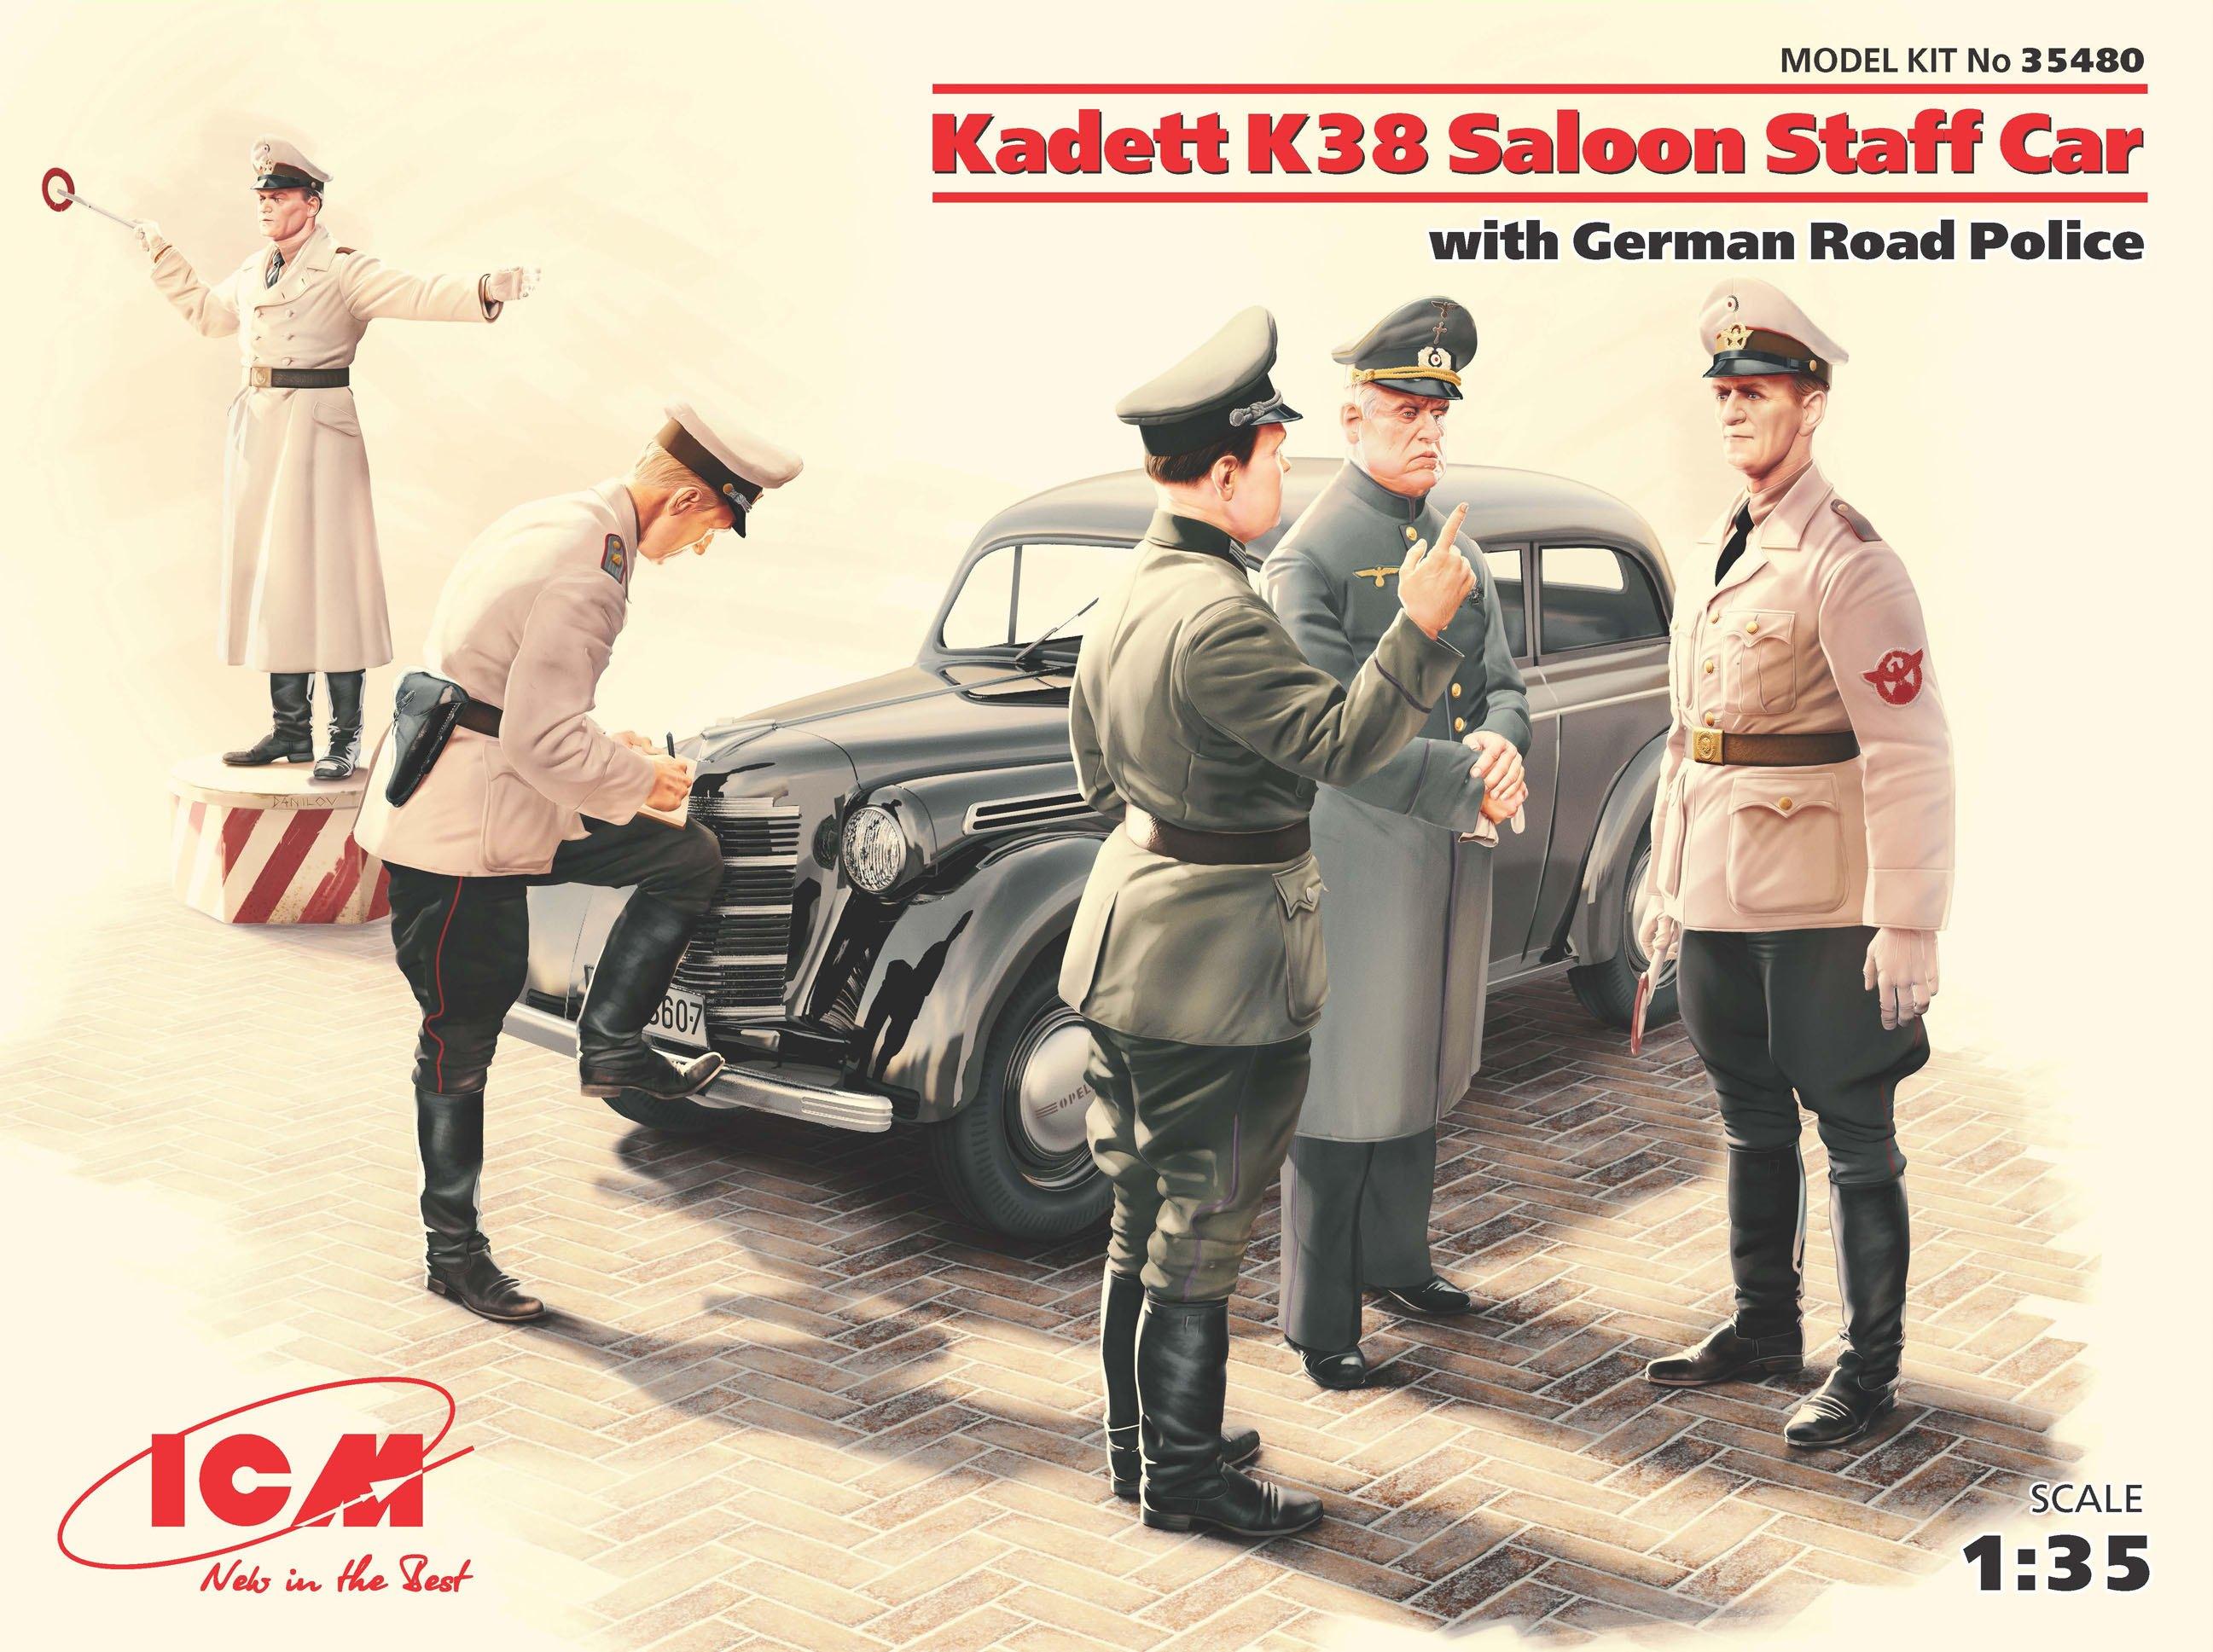 KADETT K38 SALOON STAFF CAR WITH GERMAN ROAD 1/35